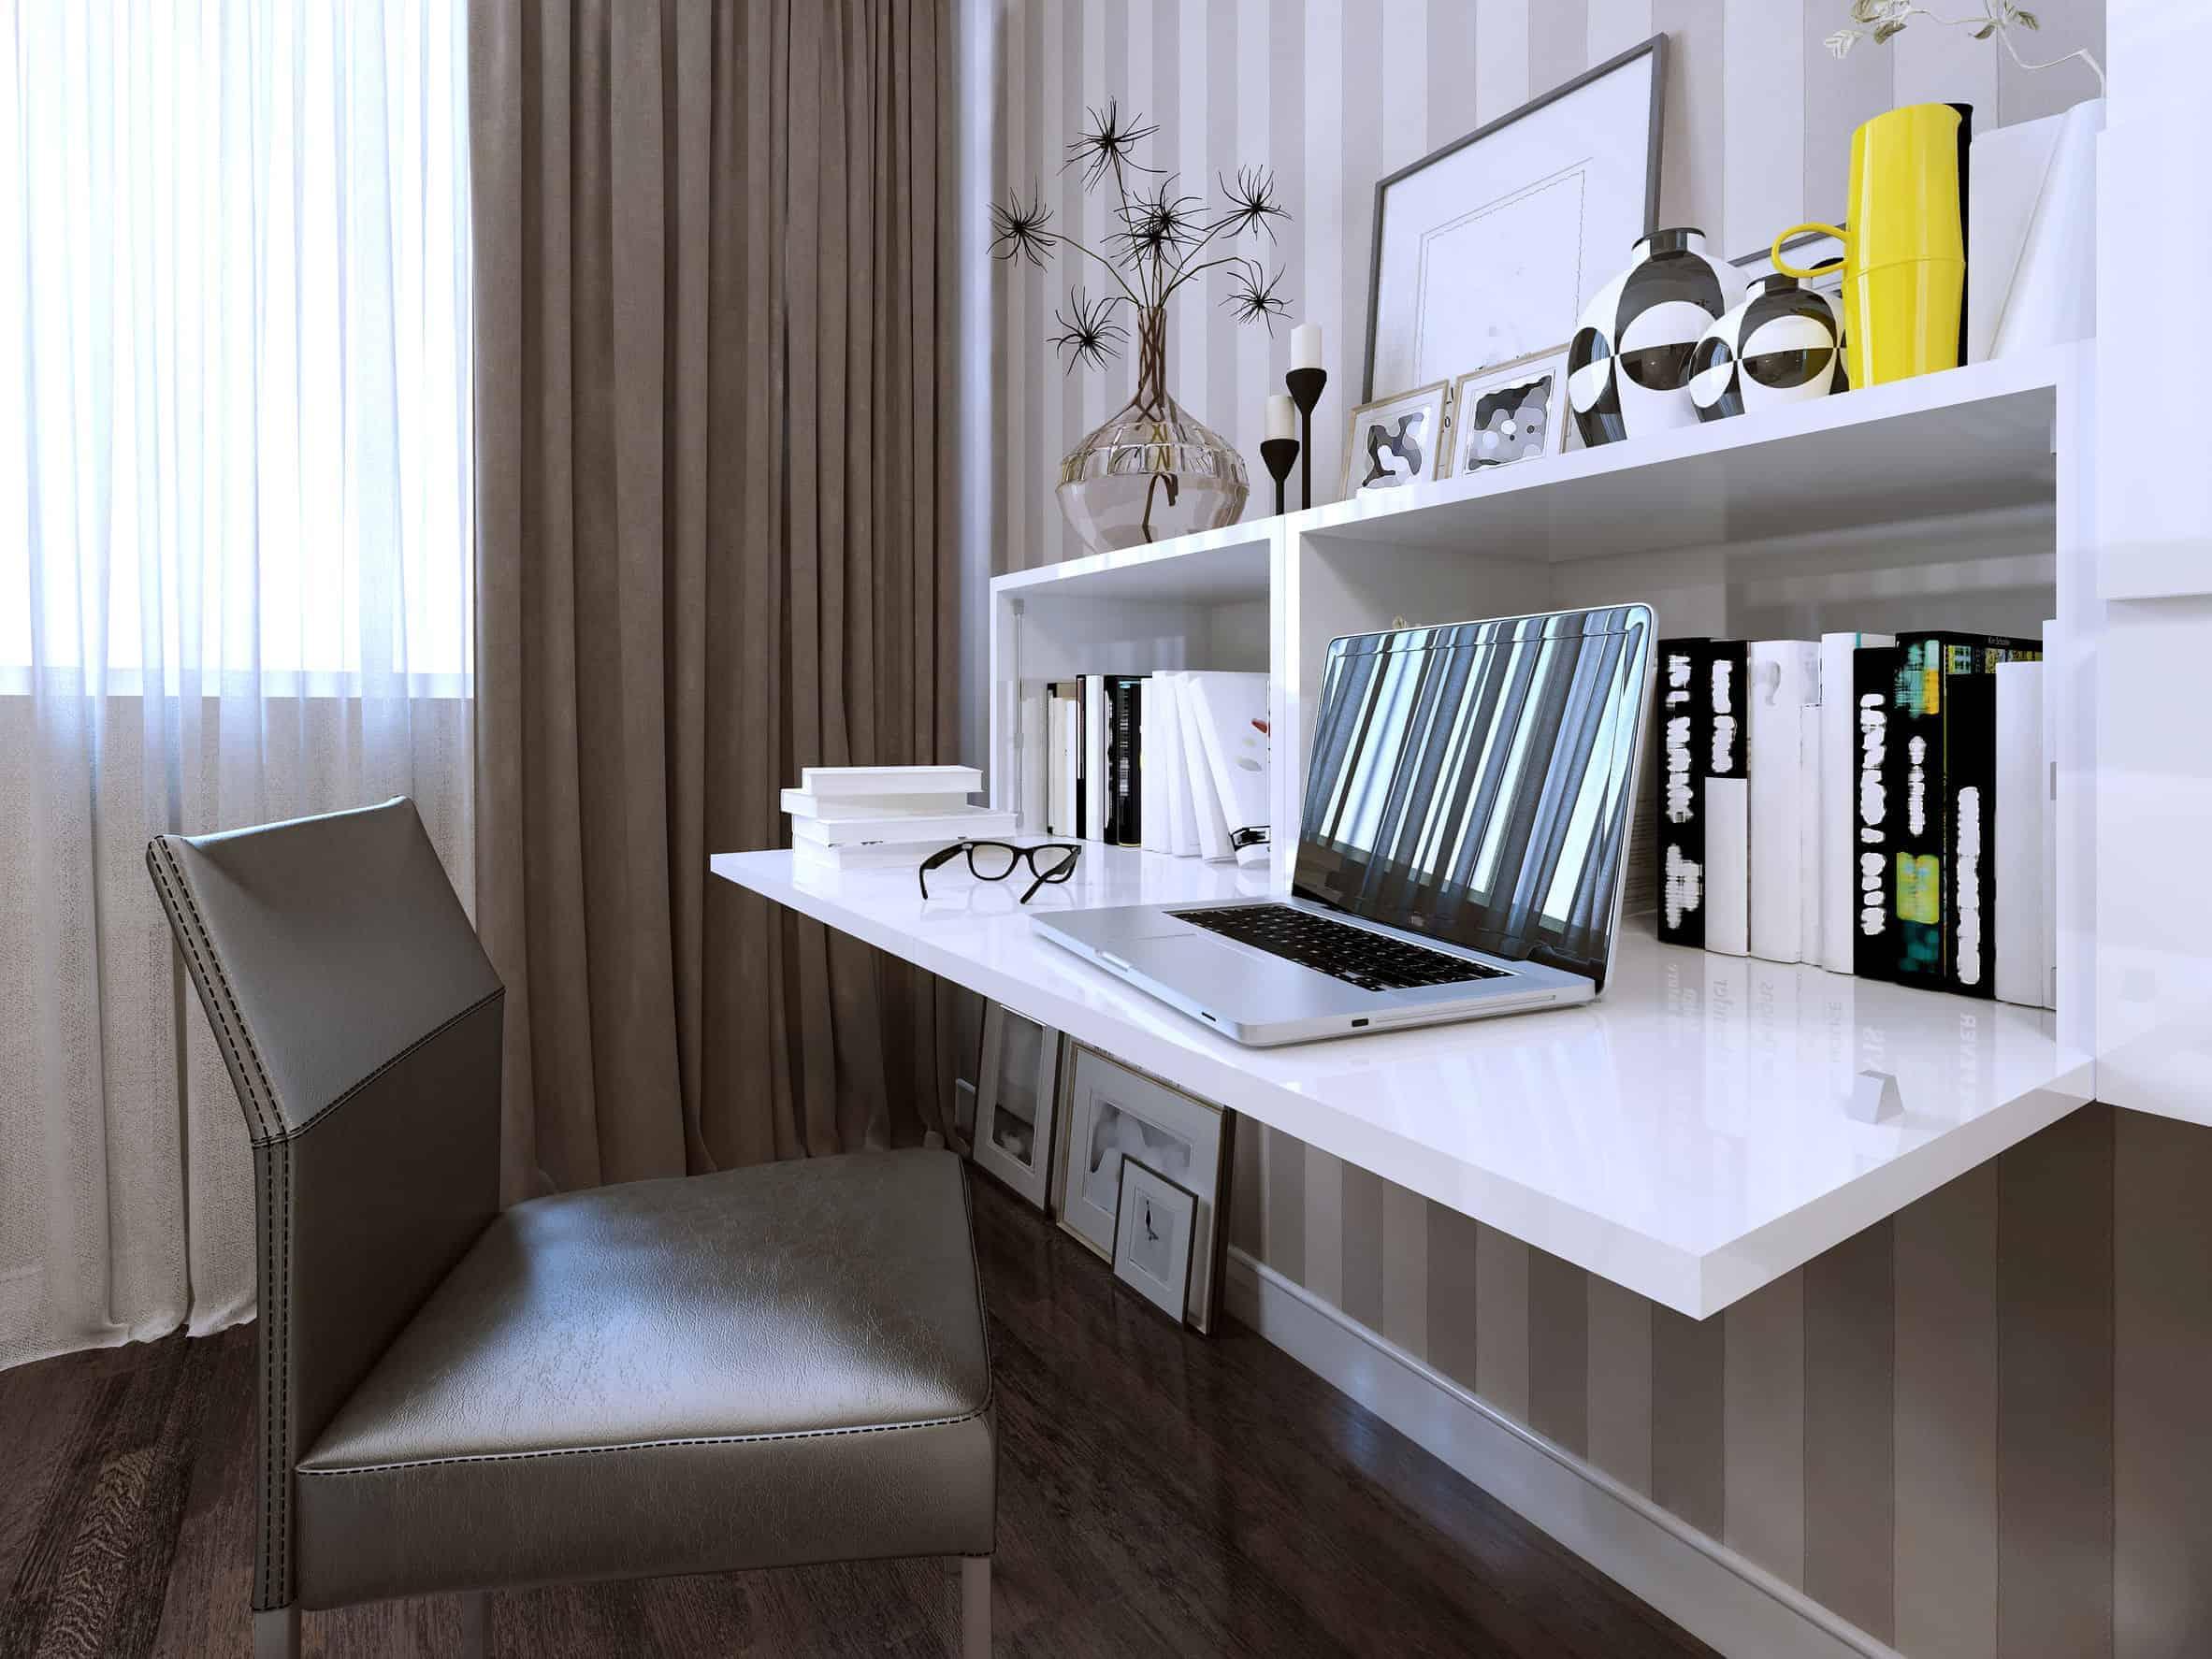 Full Size of Bartisch Selber Bauen Ikea Wandtisch Test Empfehlungen 05 20 Küche Kaufen Velux Fenster Einbauen Kopfteil Bett Betten 160x200 Zusammenstellen Sofa Mit Wohnzimmer Bartisch Selber Bauen Ikea